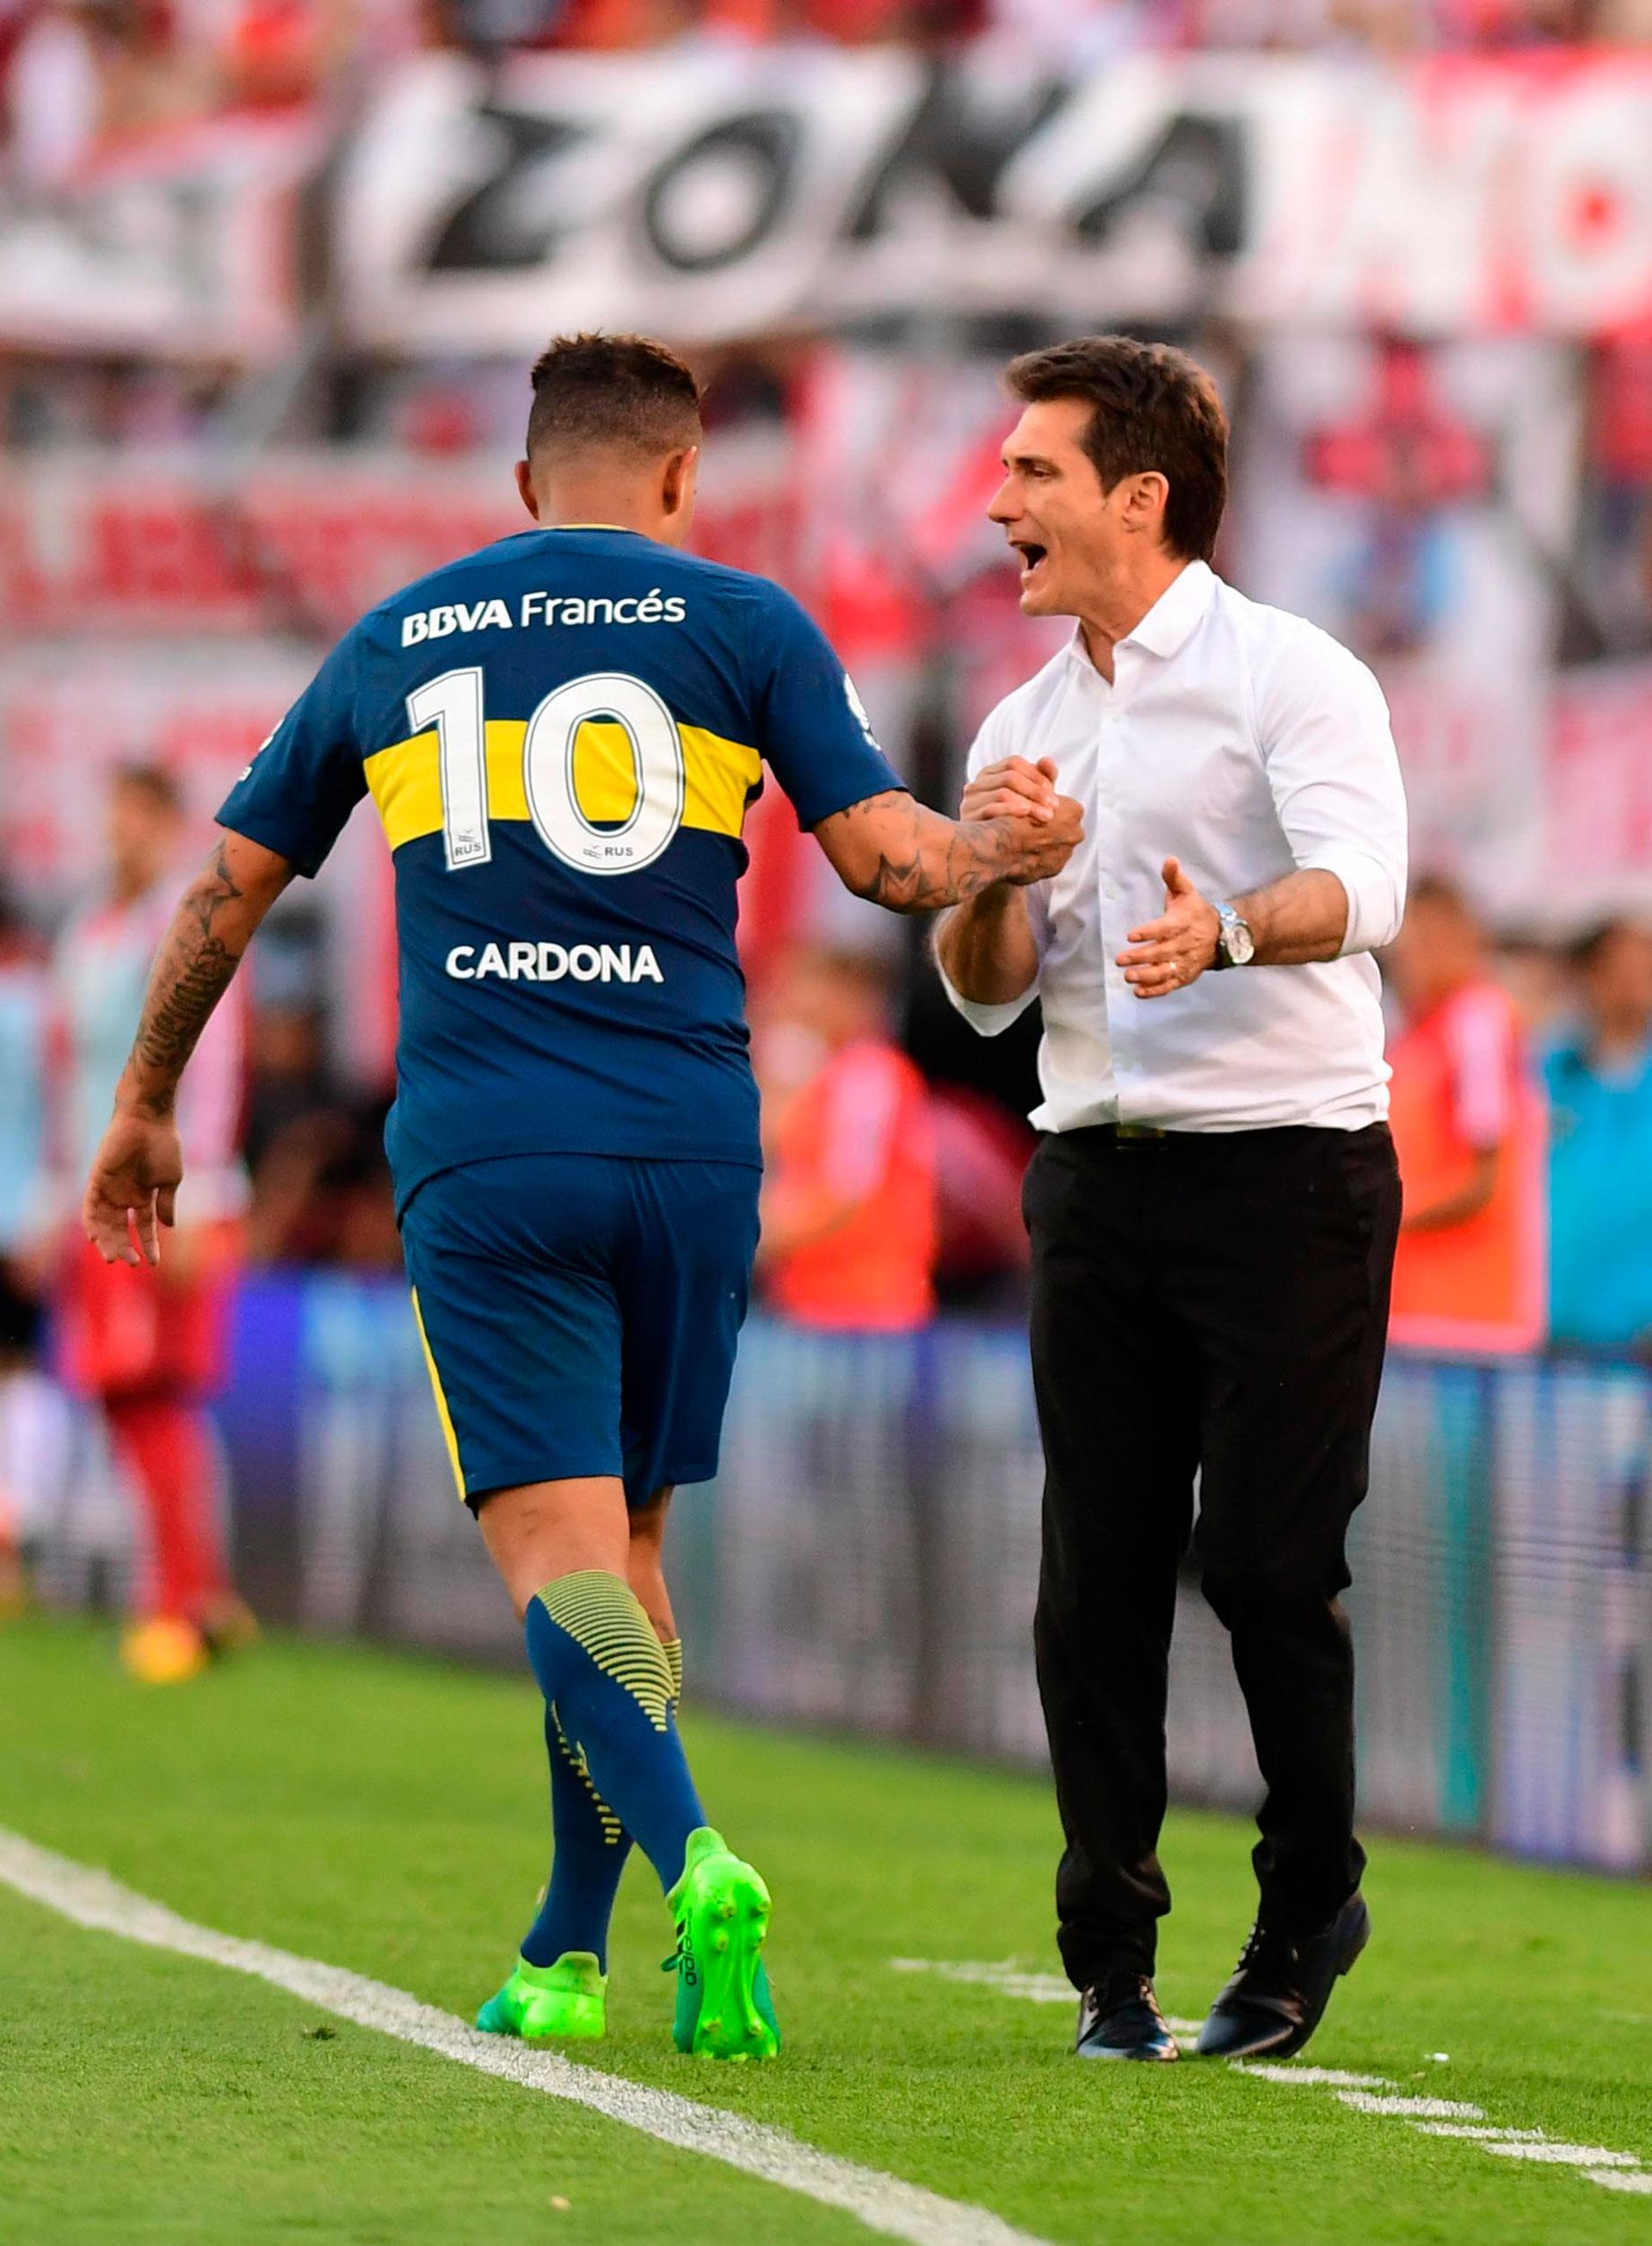 Guillermo Barros Schelotto, el líder que supo transmitir cómo se juega un Superclásico en el Monumental, saluda a Cardona tras su gol